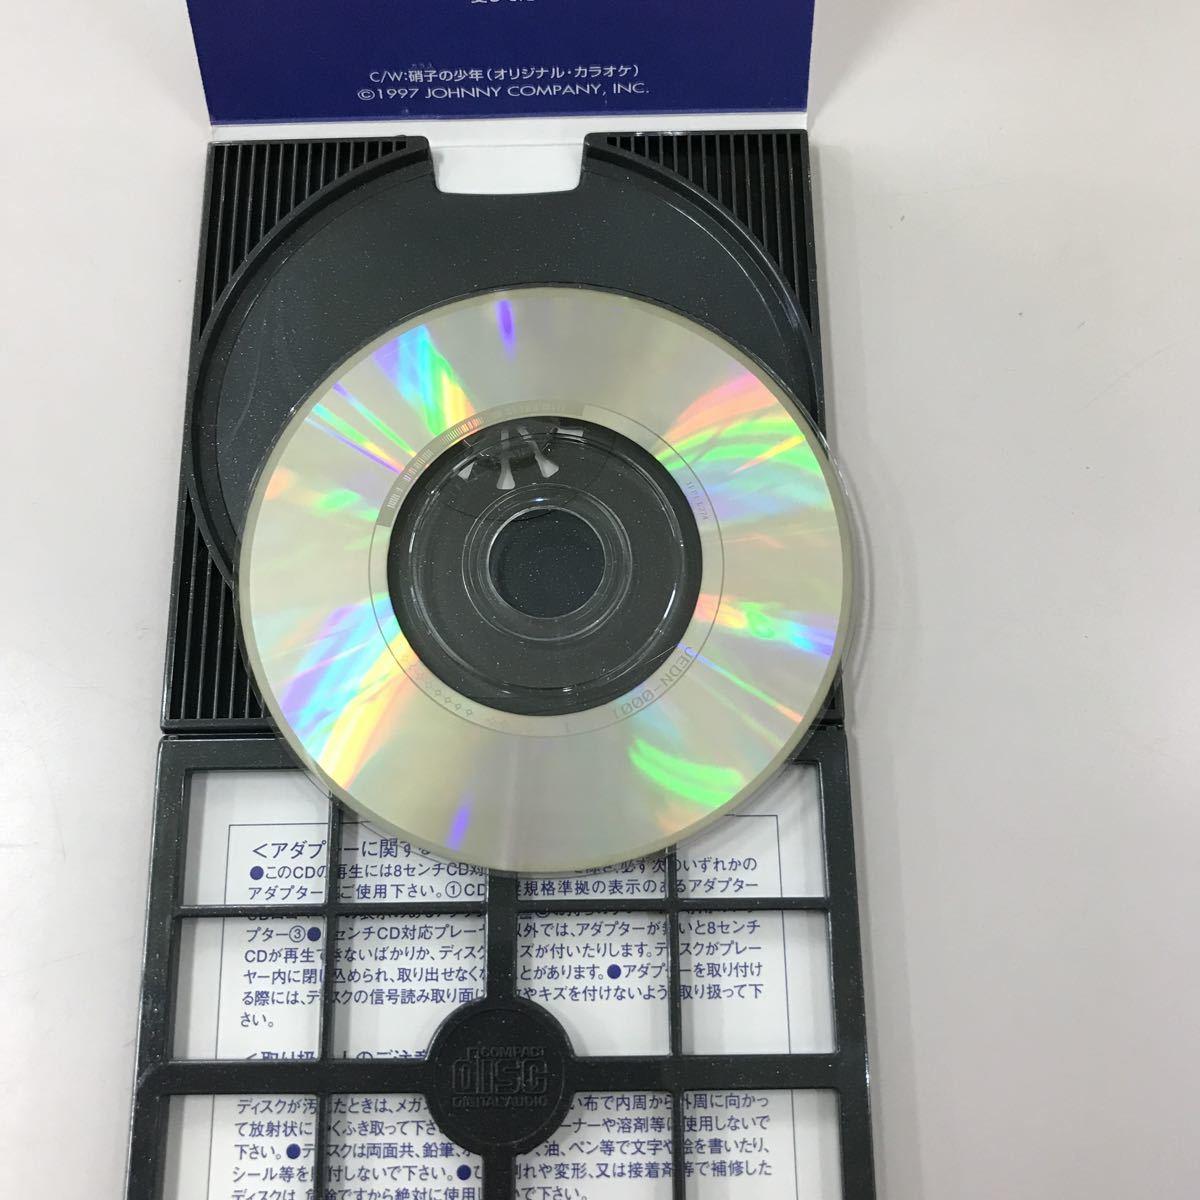 シングルCD 8センチ 中古【邦楽】長期保存品 KinKi Kids 硝子の少年